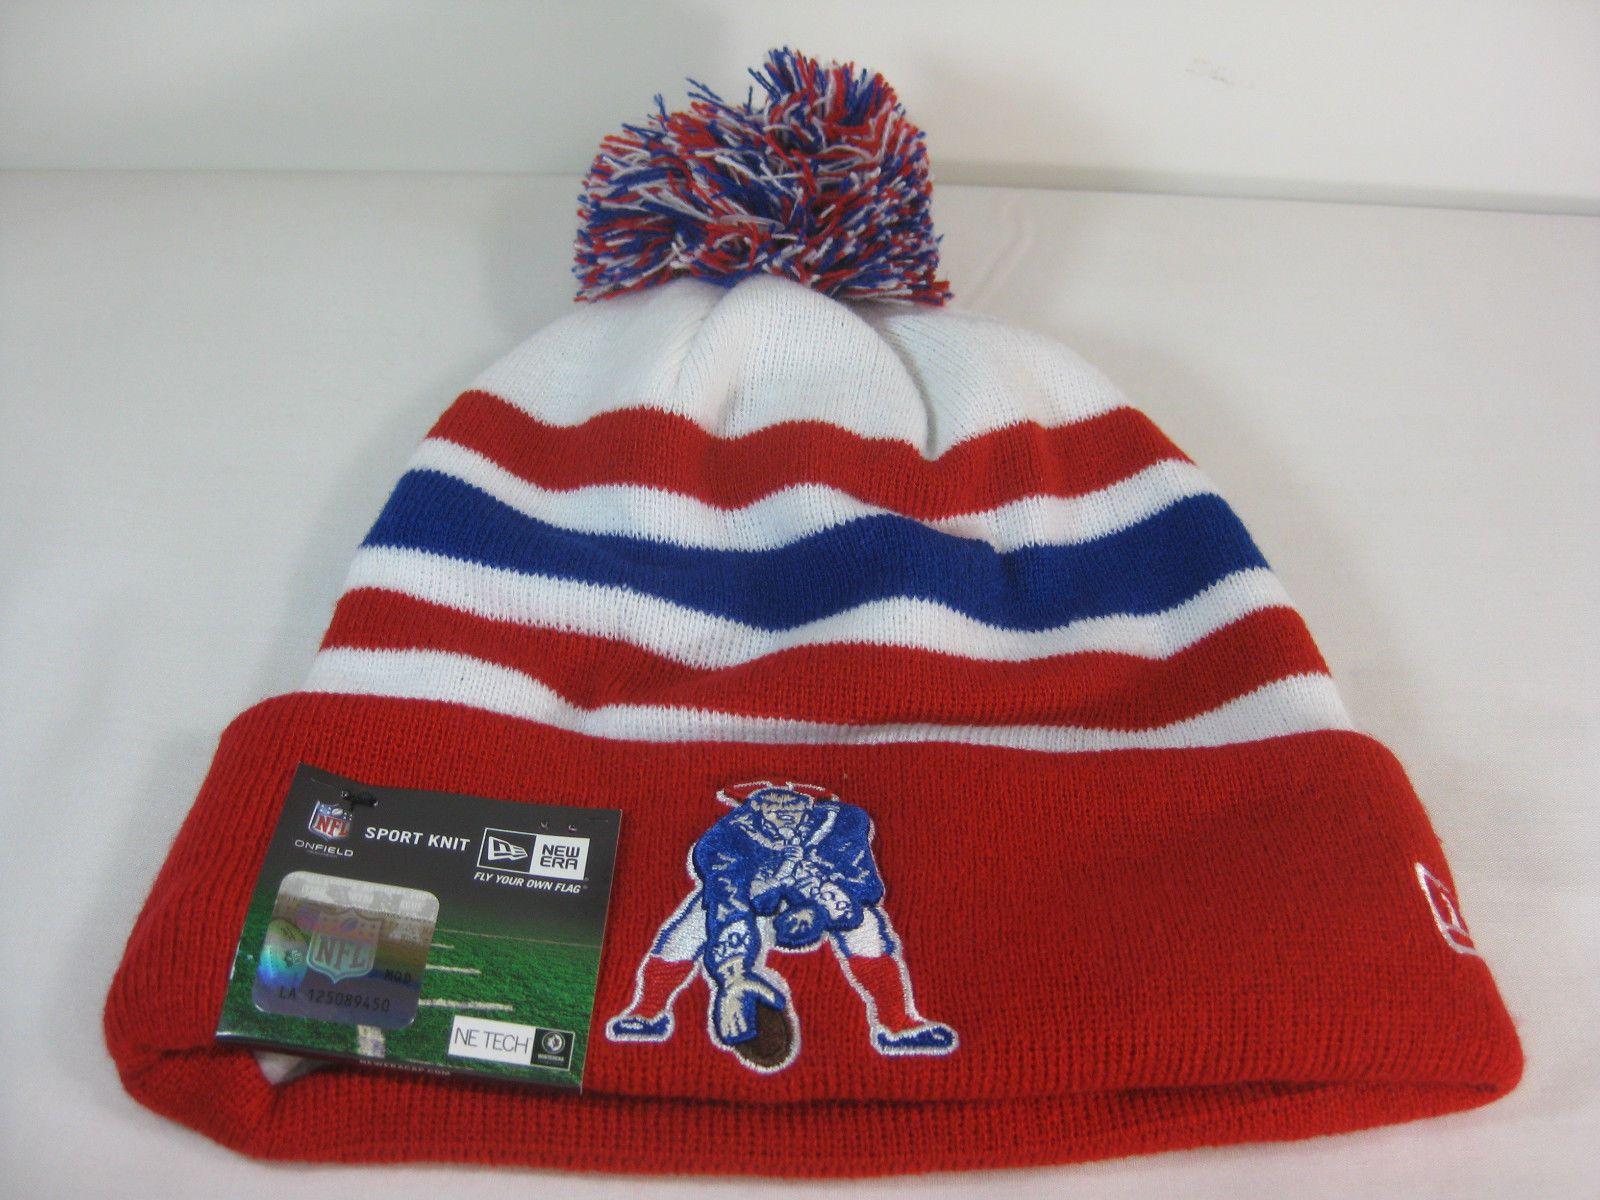 canada nfl knit hat patriots wallpaper 82360 13f1d ec9c13c258b